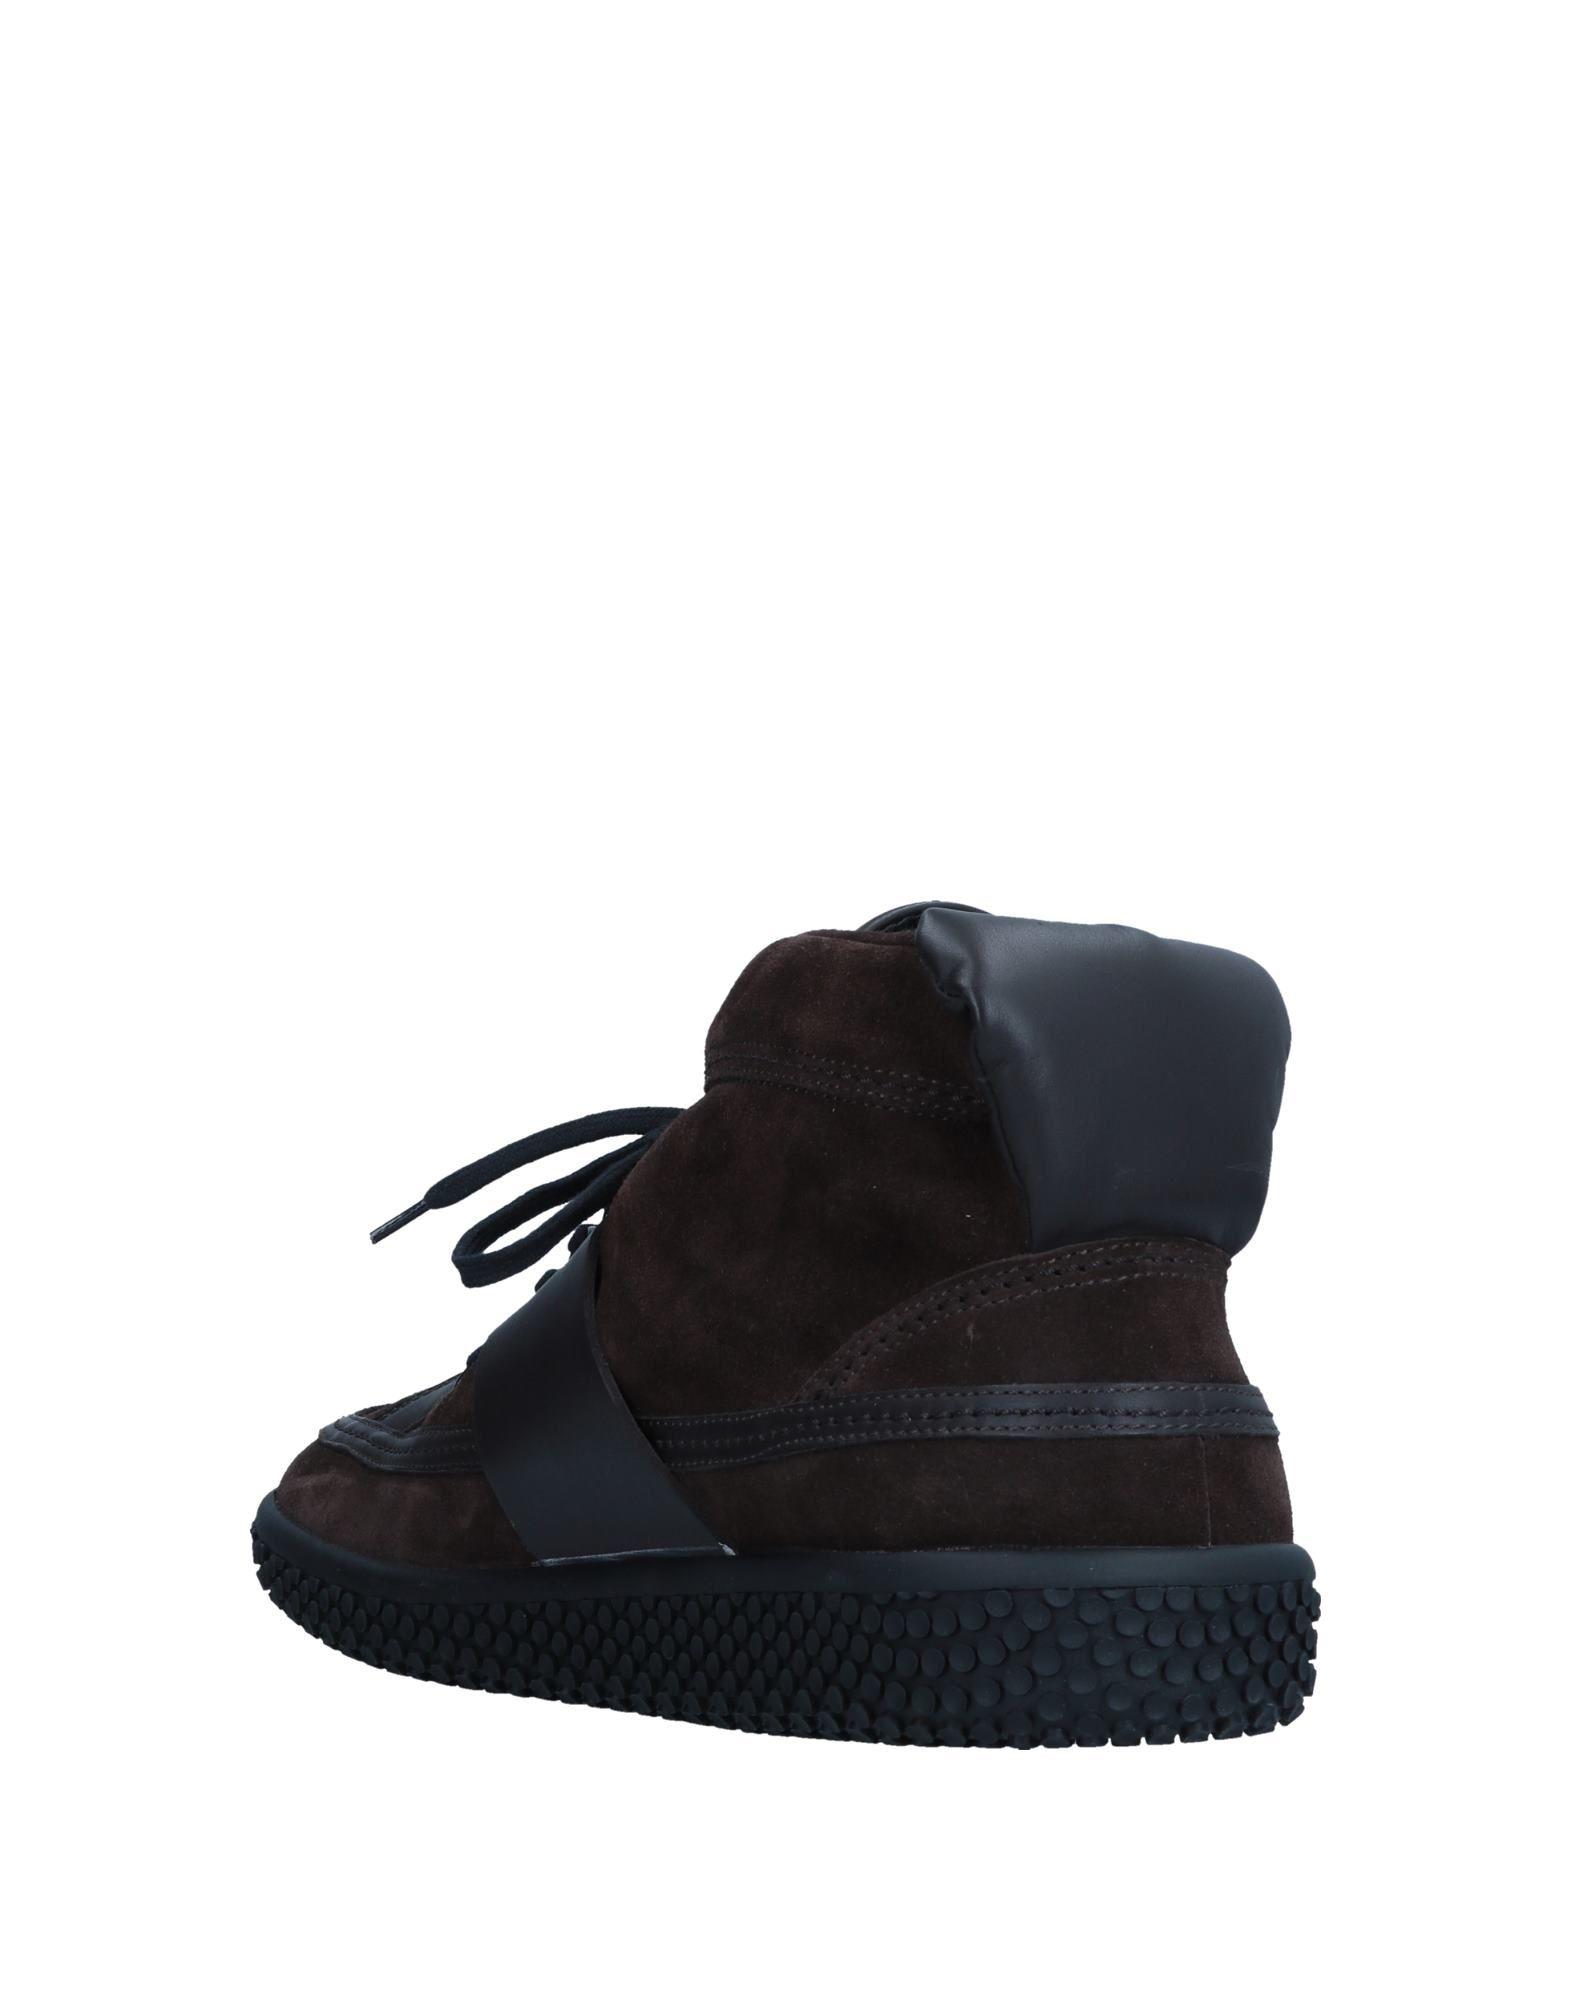 O.X.S. Sneakers Herren  Schuhe 11546859TF Gute Qualität beliebte Schuhe  223920